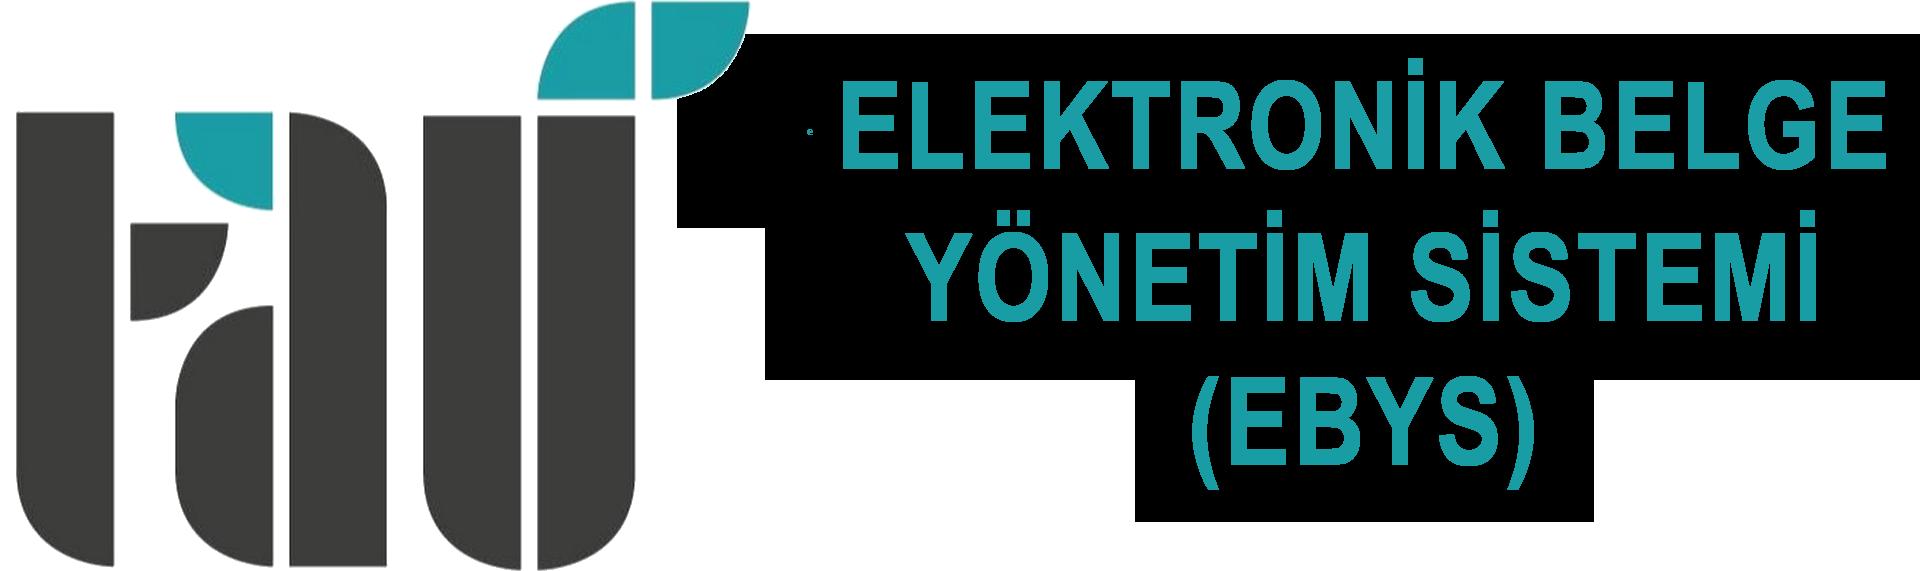 Türk-Alman Üniversitesi Elektronik Belge Yönetim Sistemi